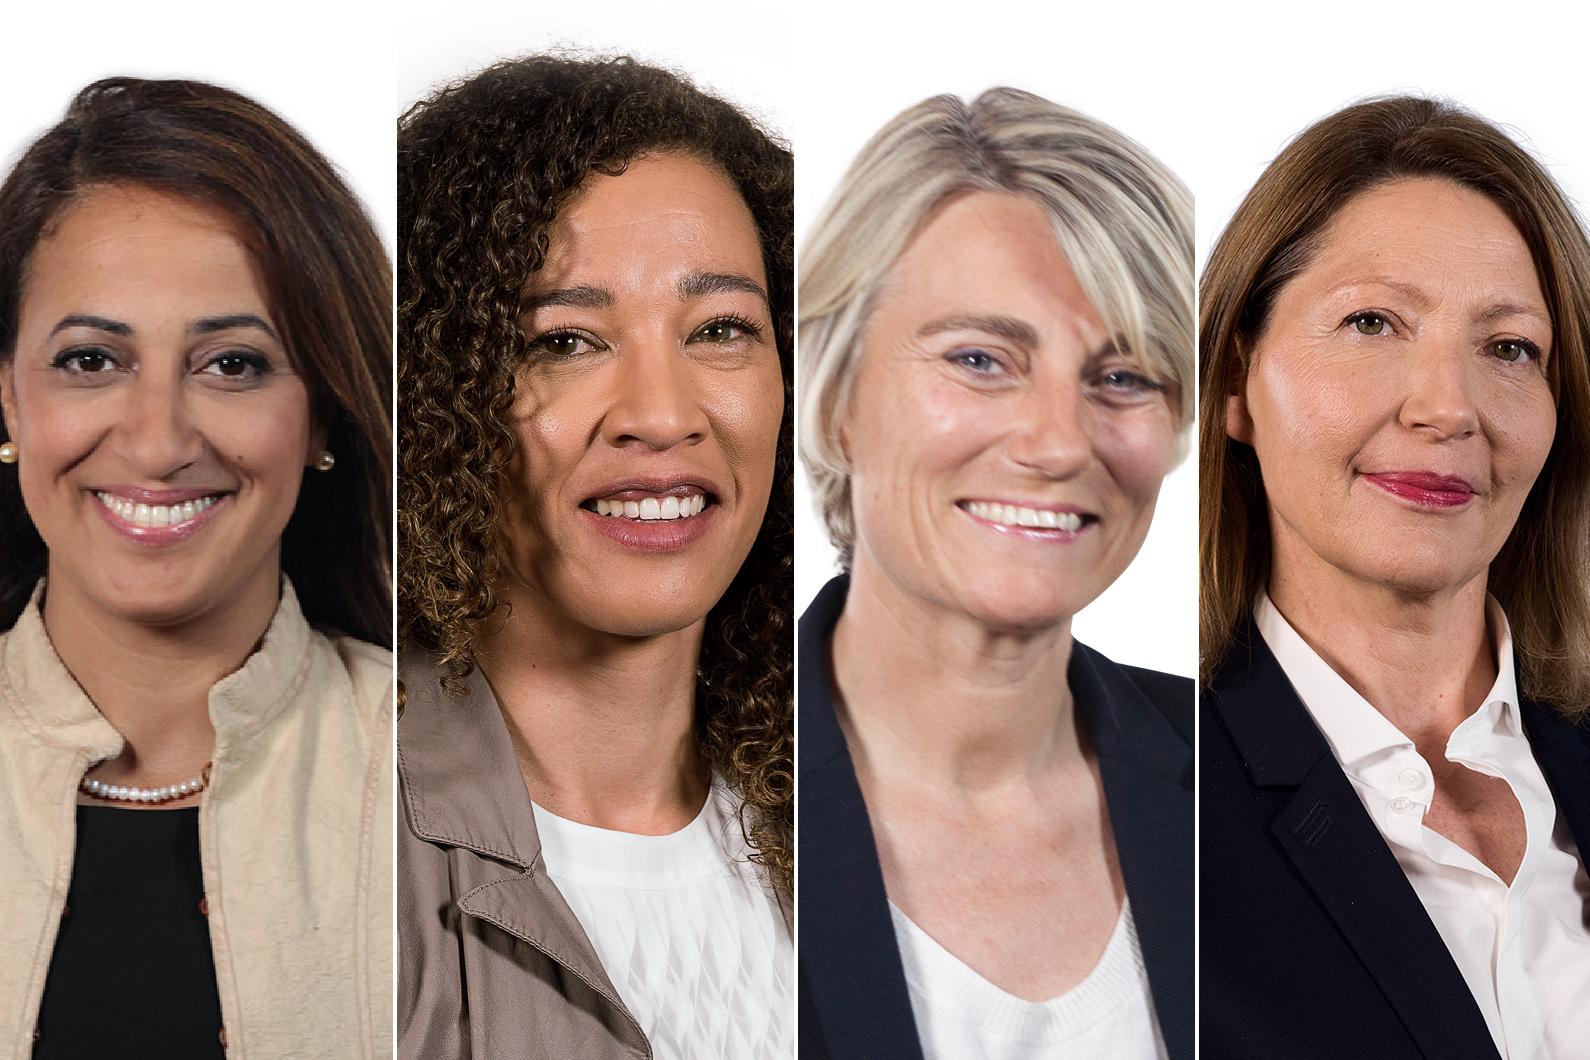 Les nouveaux visages des femmes de La République en marche